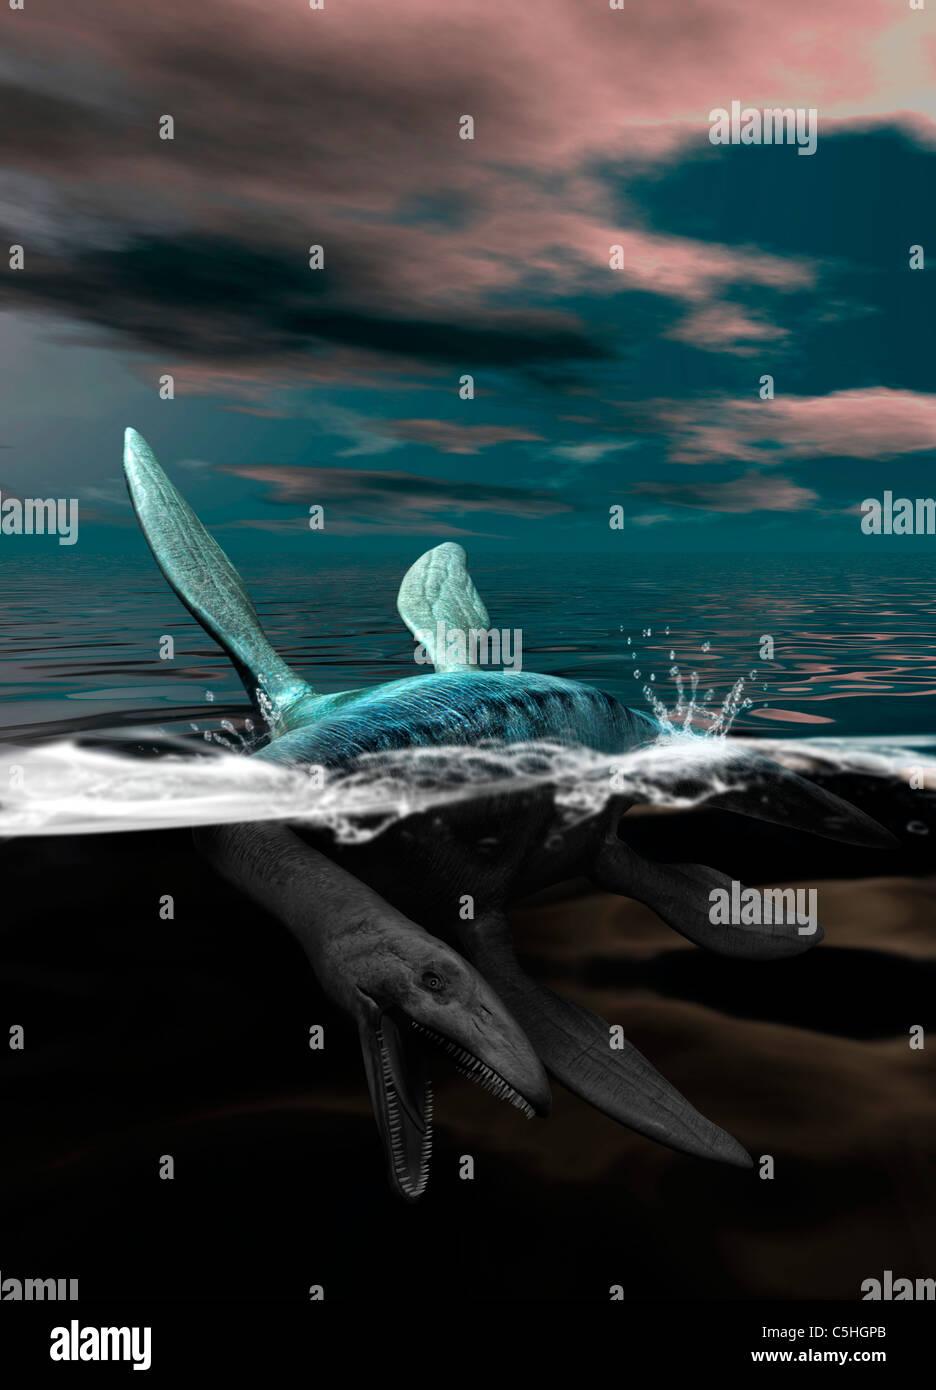 Loch Ness monster, artwork - Stock Image